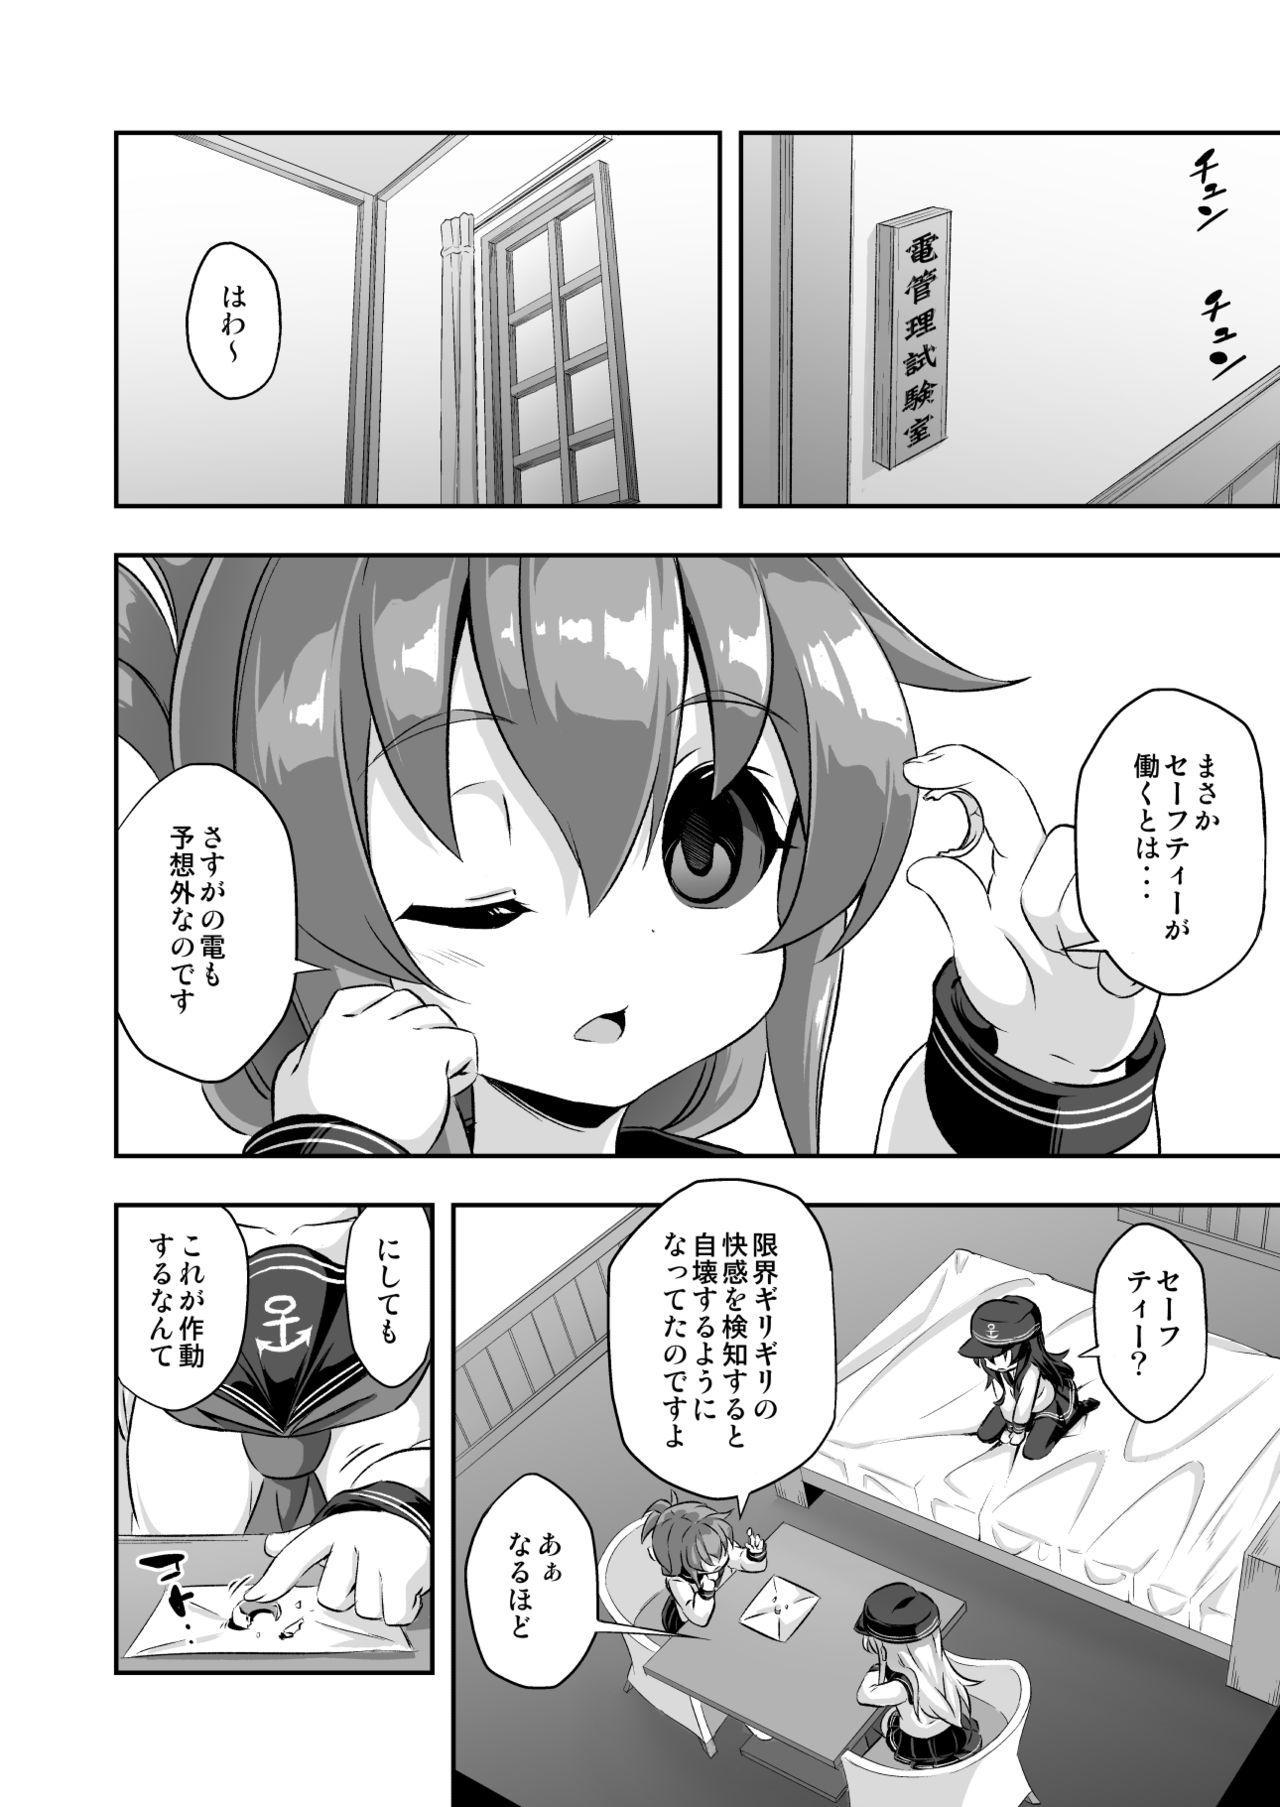 Loli & Futa Vol. 10 24